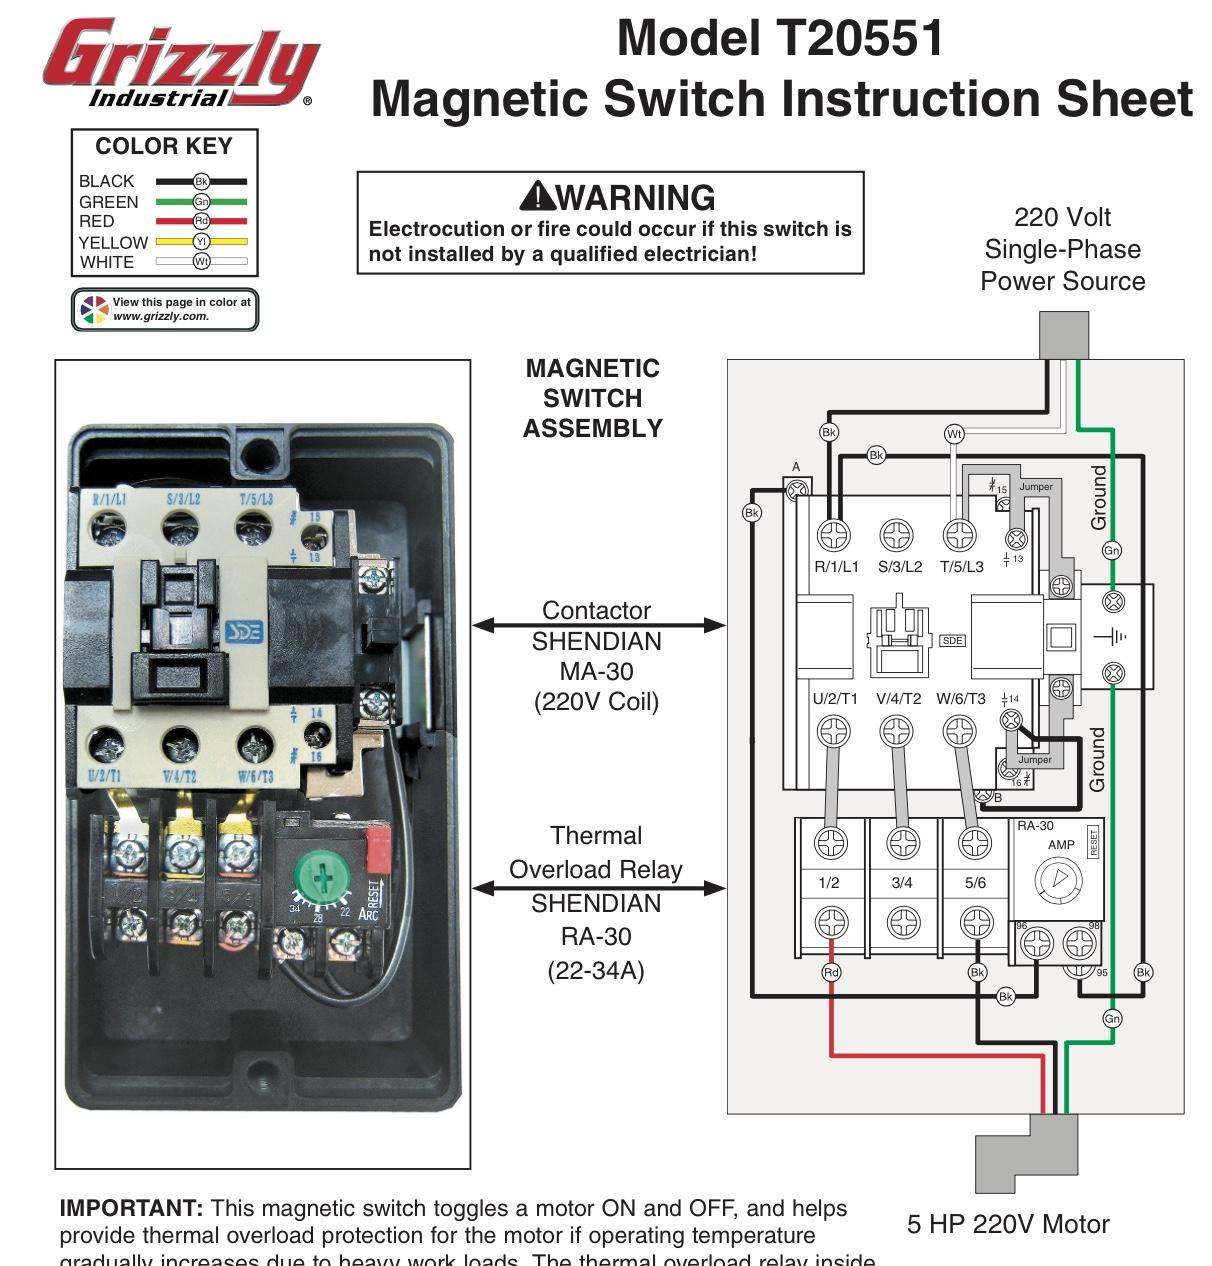 3 Wire 220 Volt Wiring Diagram Wiring Diagrams Database – 220 Volt Wiring Diagram